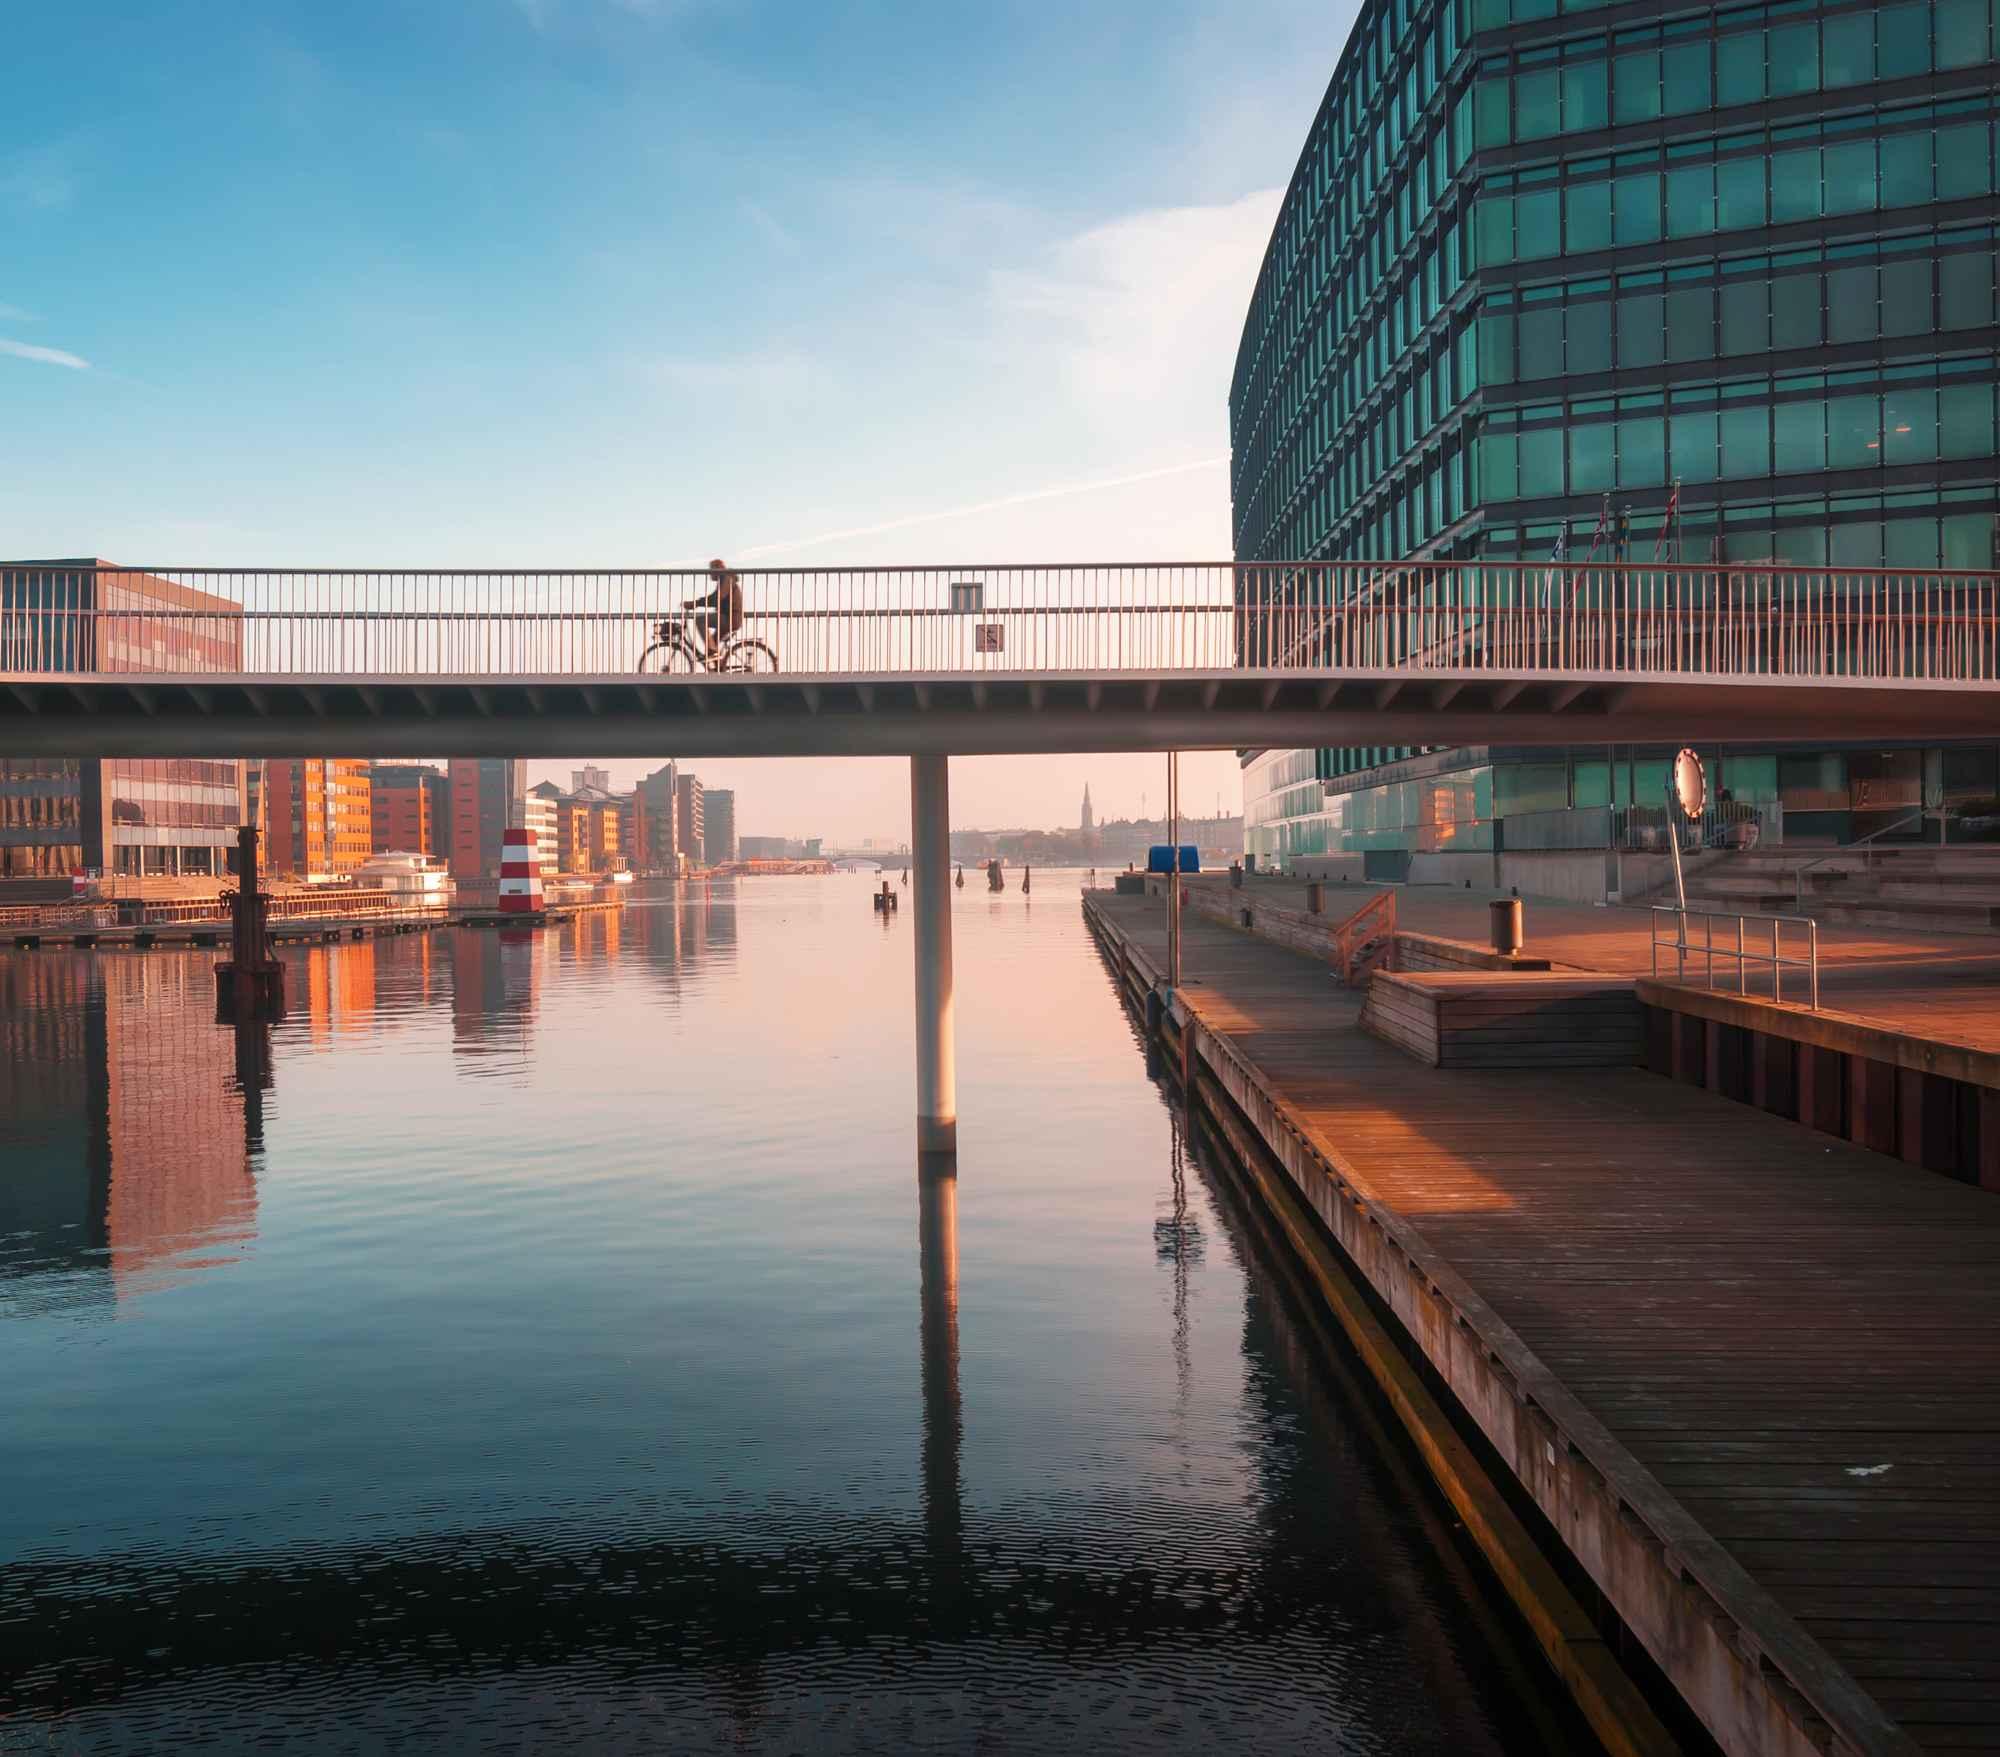 Modern-Copenhagen-520258107_3872x2592_beskaaret